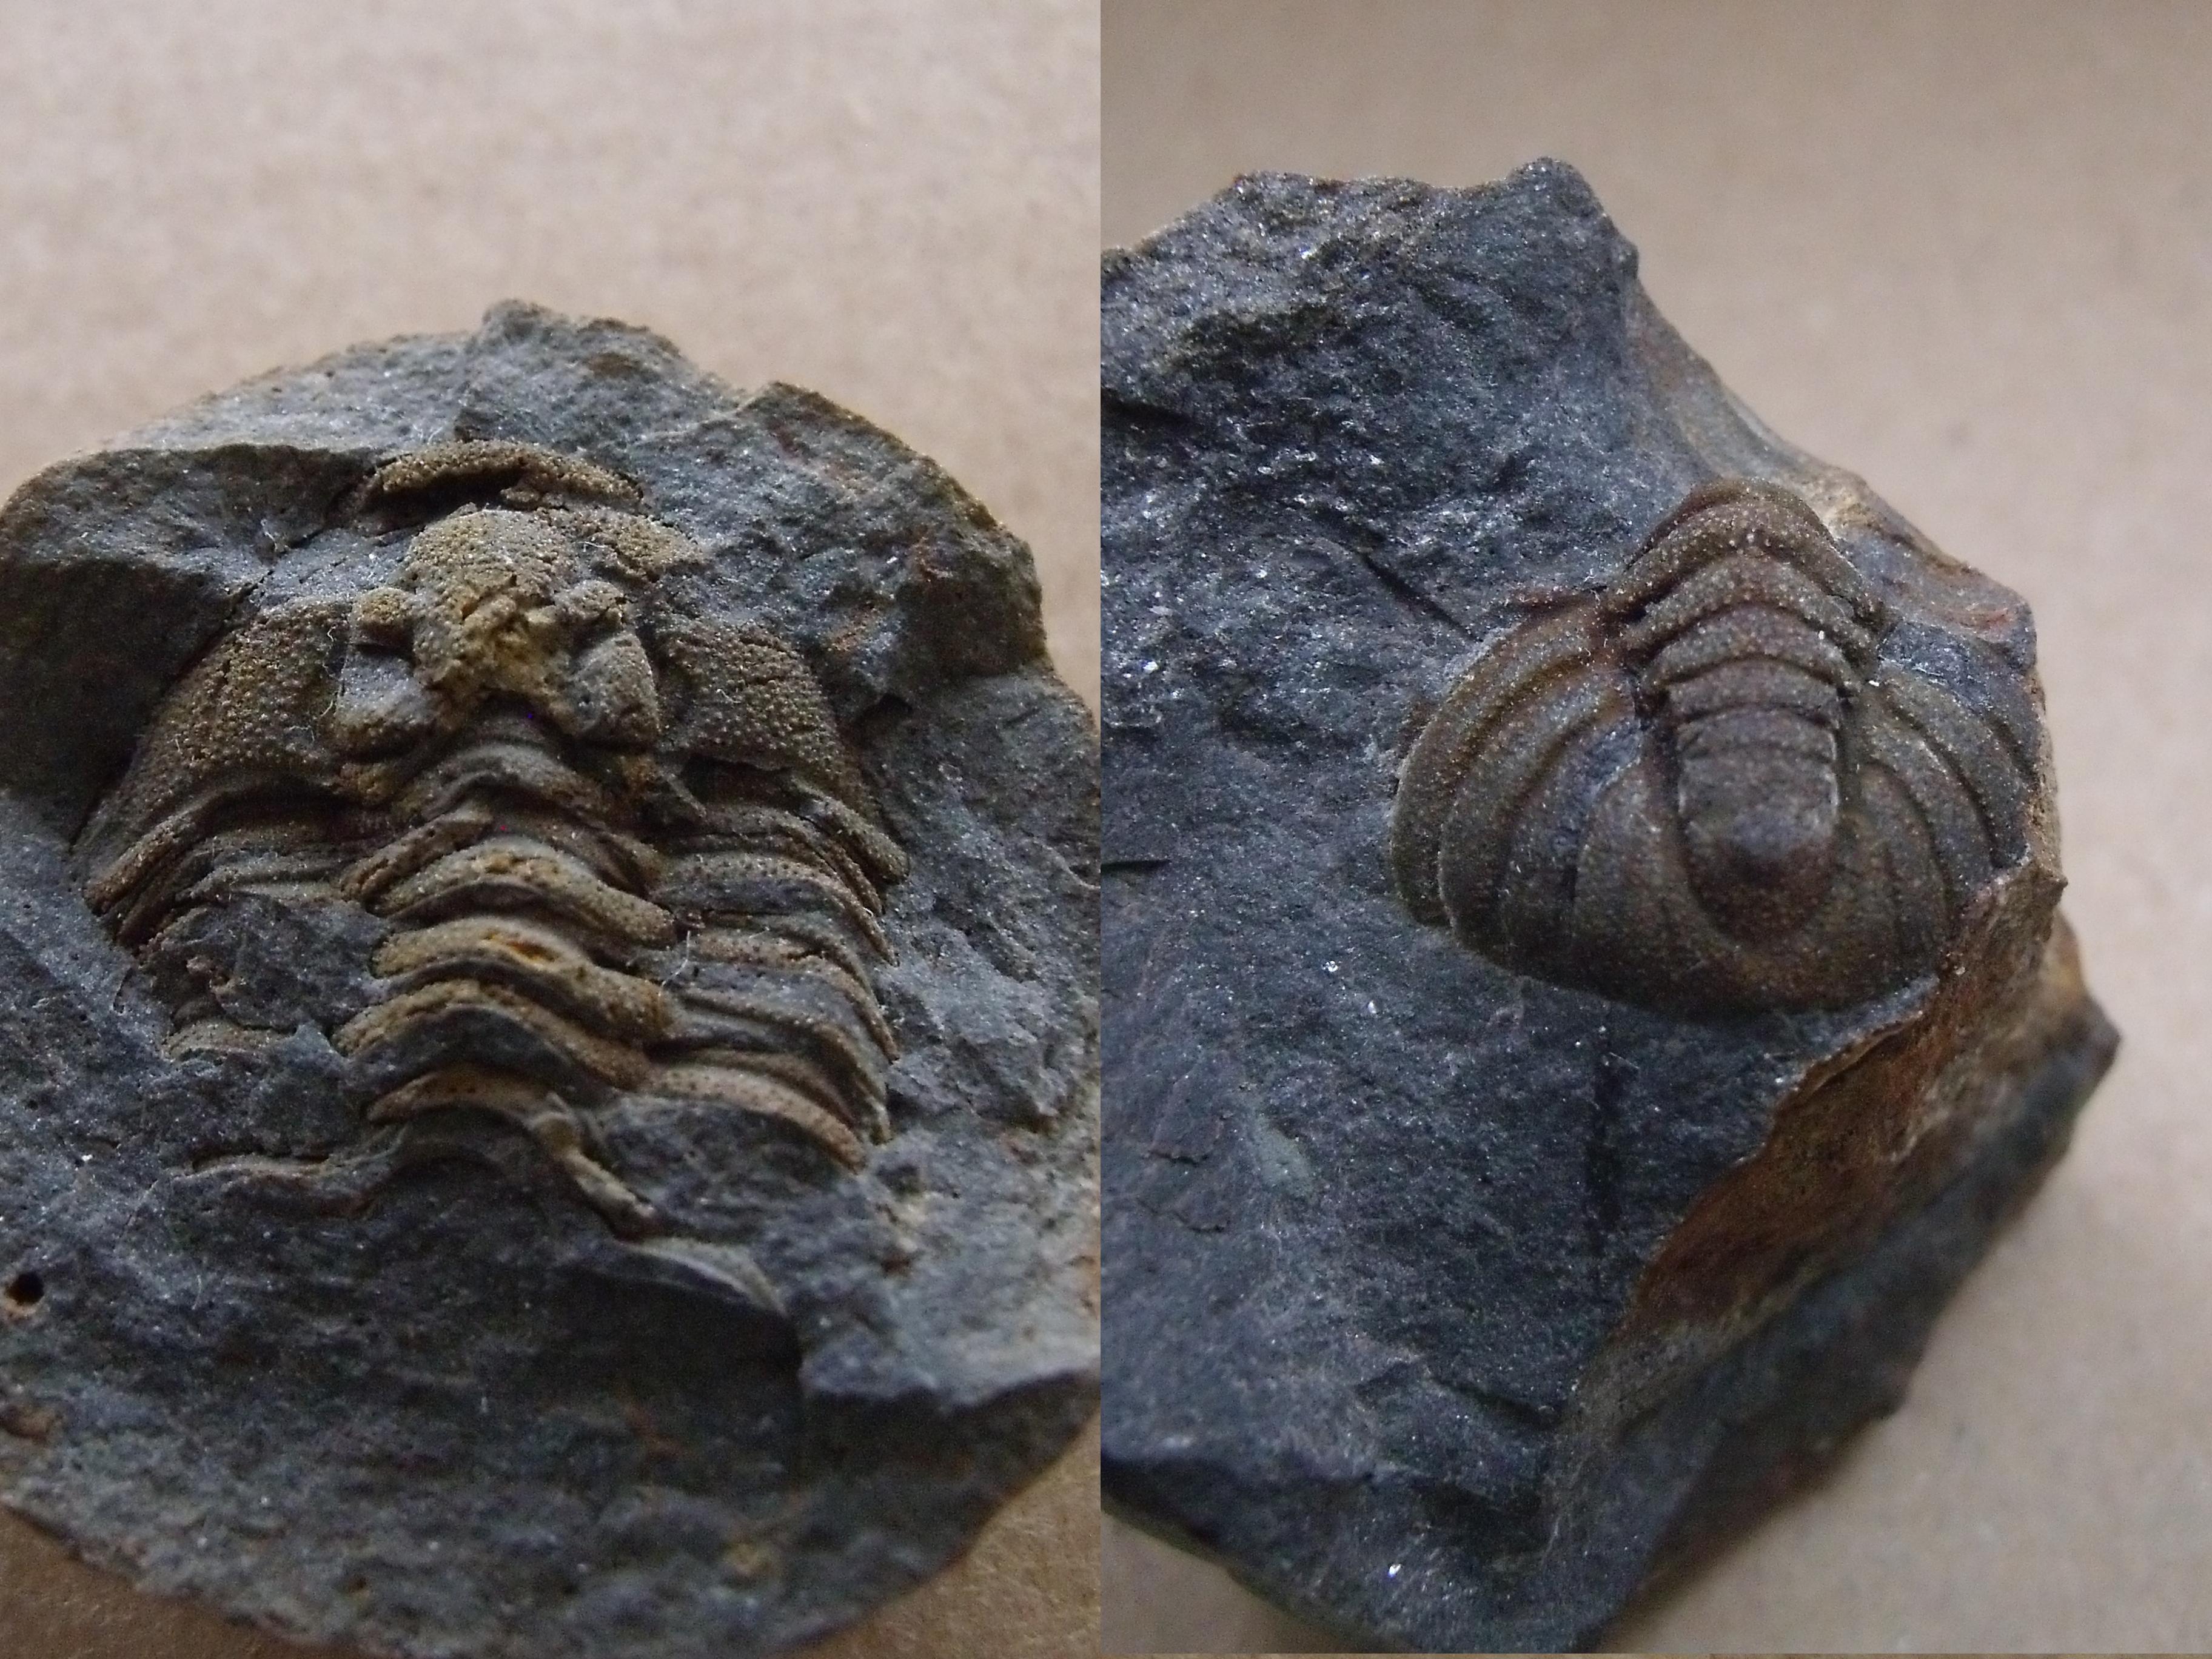 části trilobita Prionocheilus vokovicensis, (lok.Těškov)